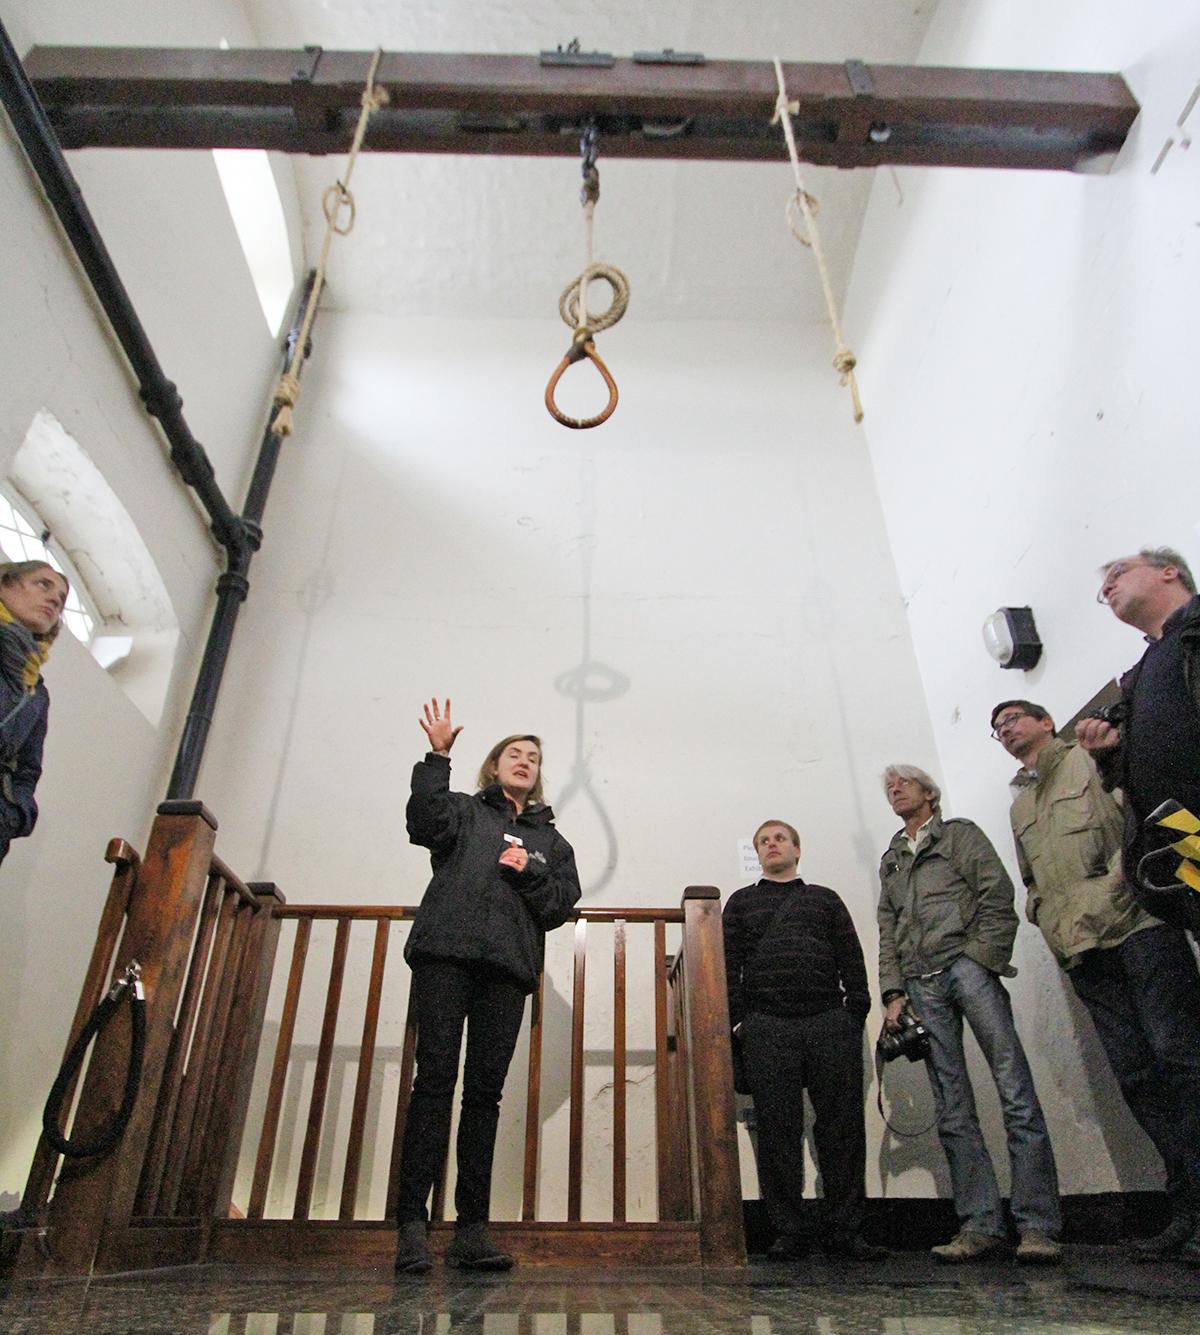 Rommet hvor de dødsdømte hadde sine siste minutter.